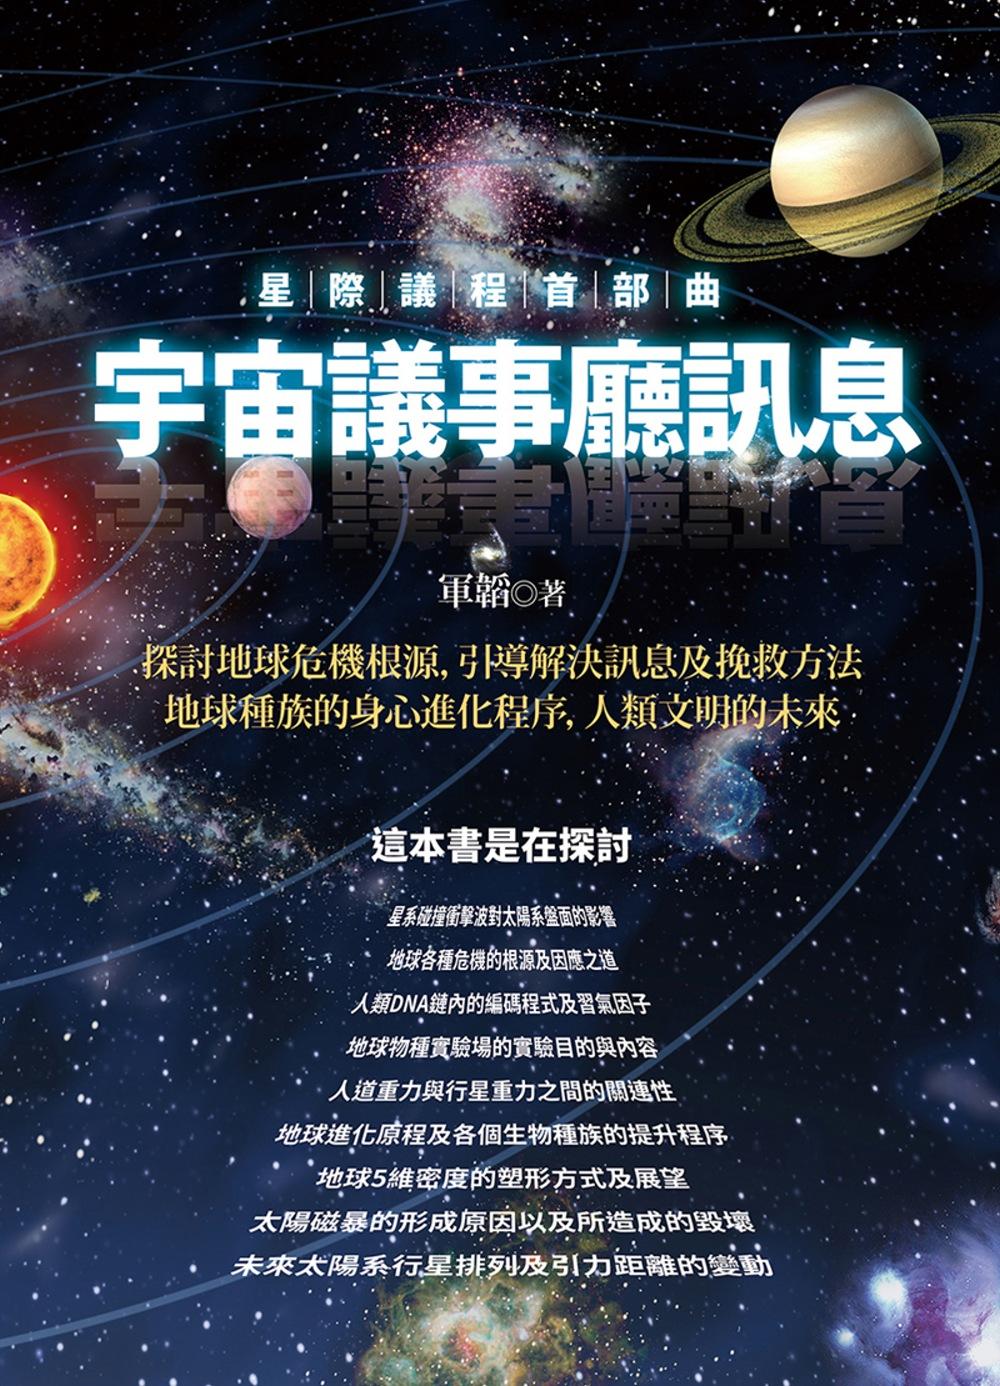 星際議程首部曲:宇宙議事廳訊息